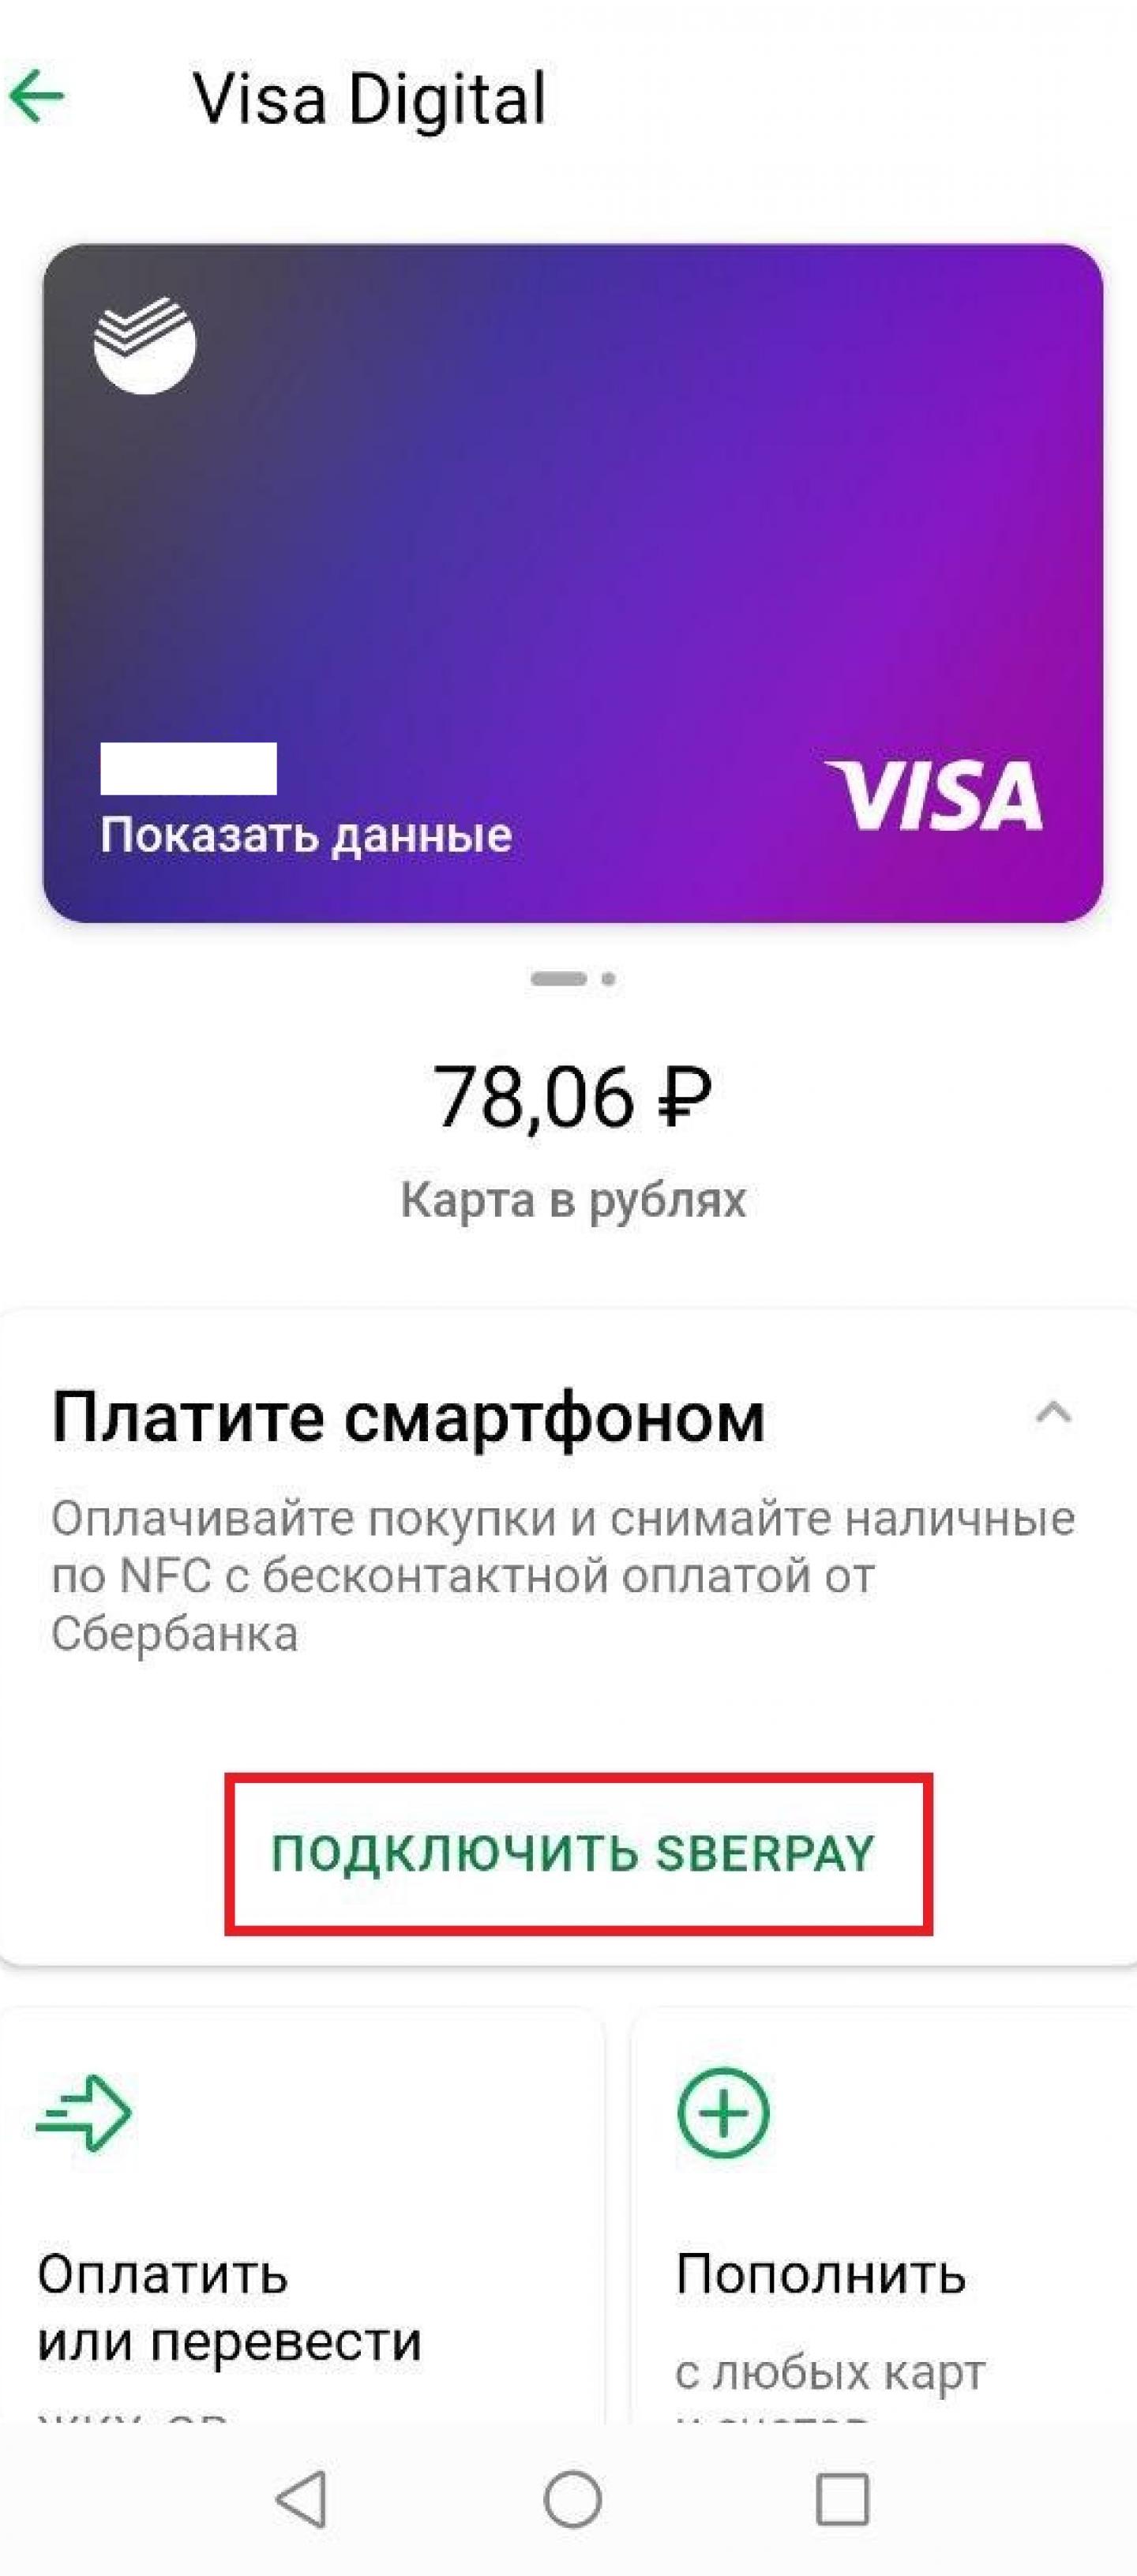 Подключение карты к сервису SberPay. Шаг 1